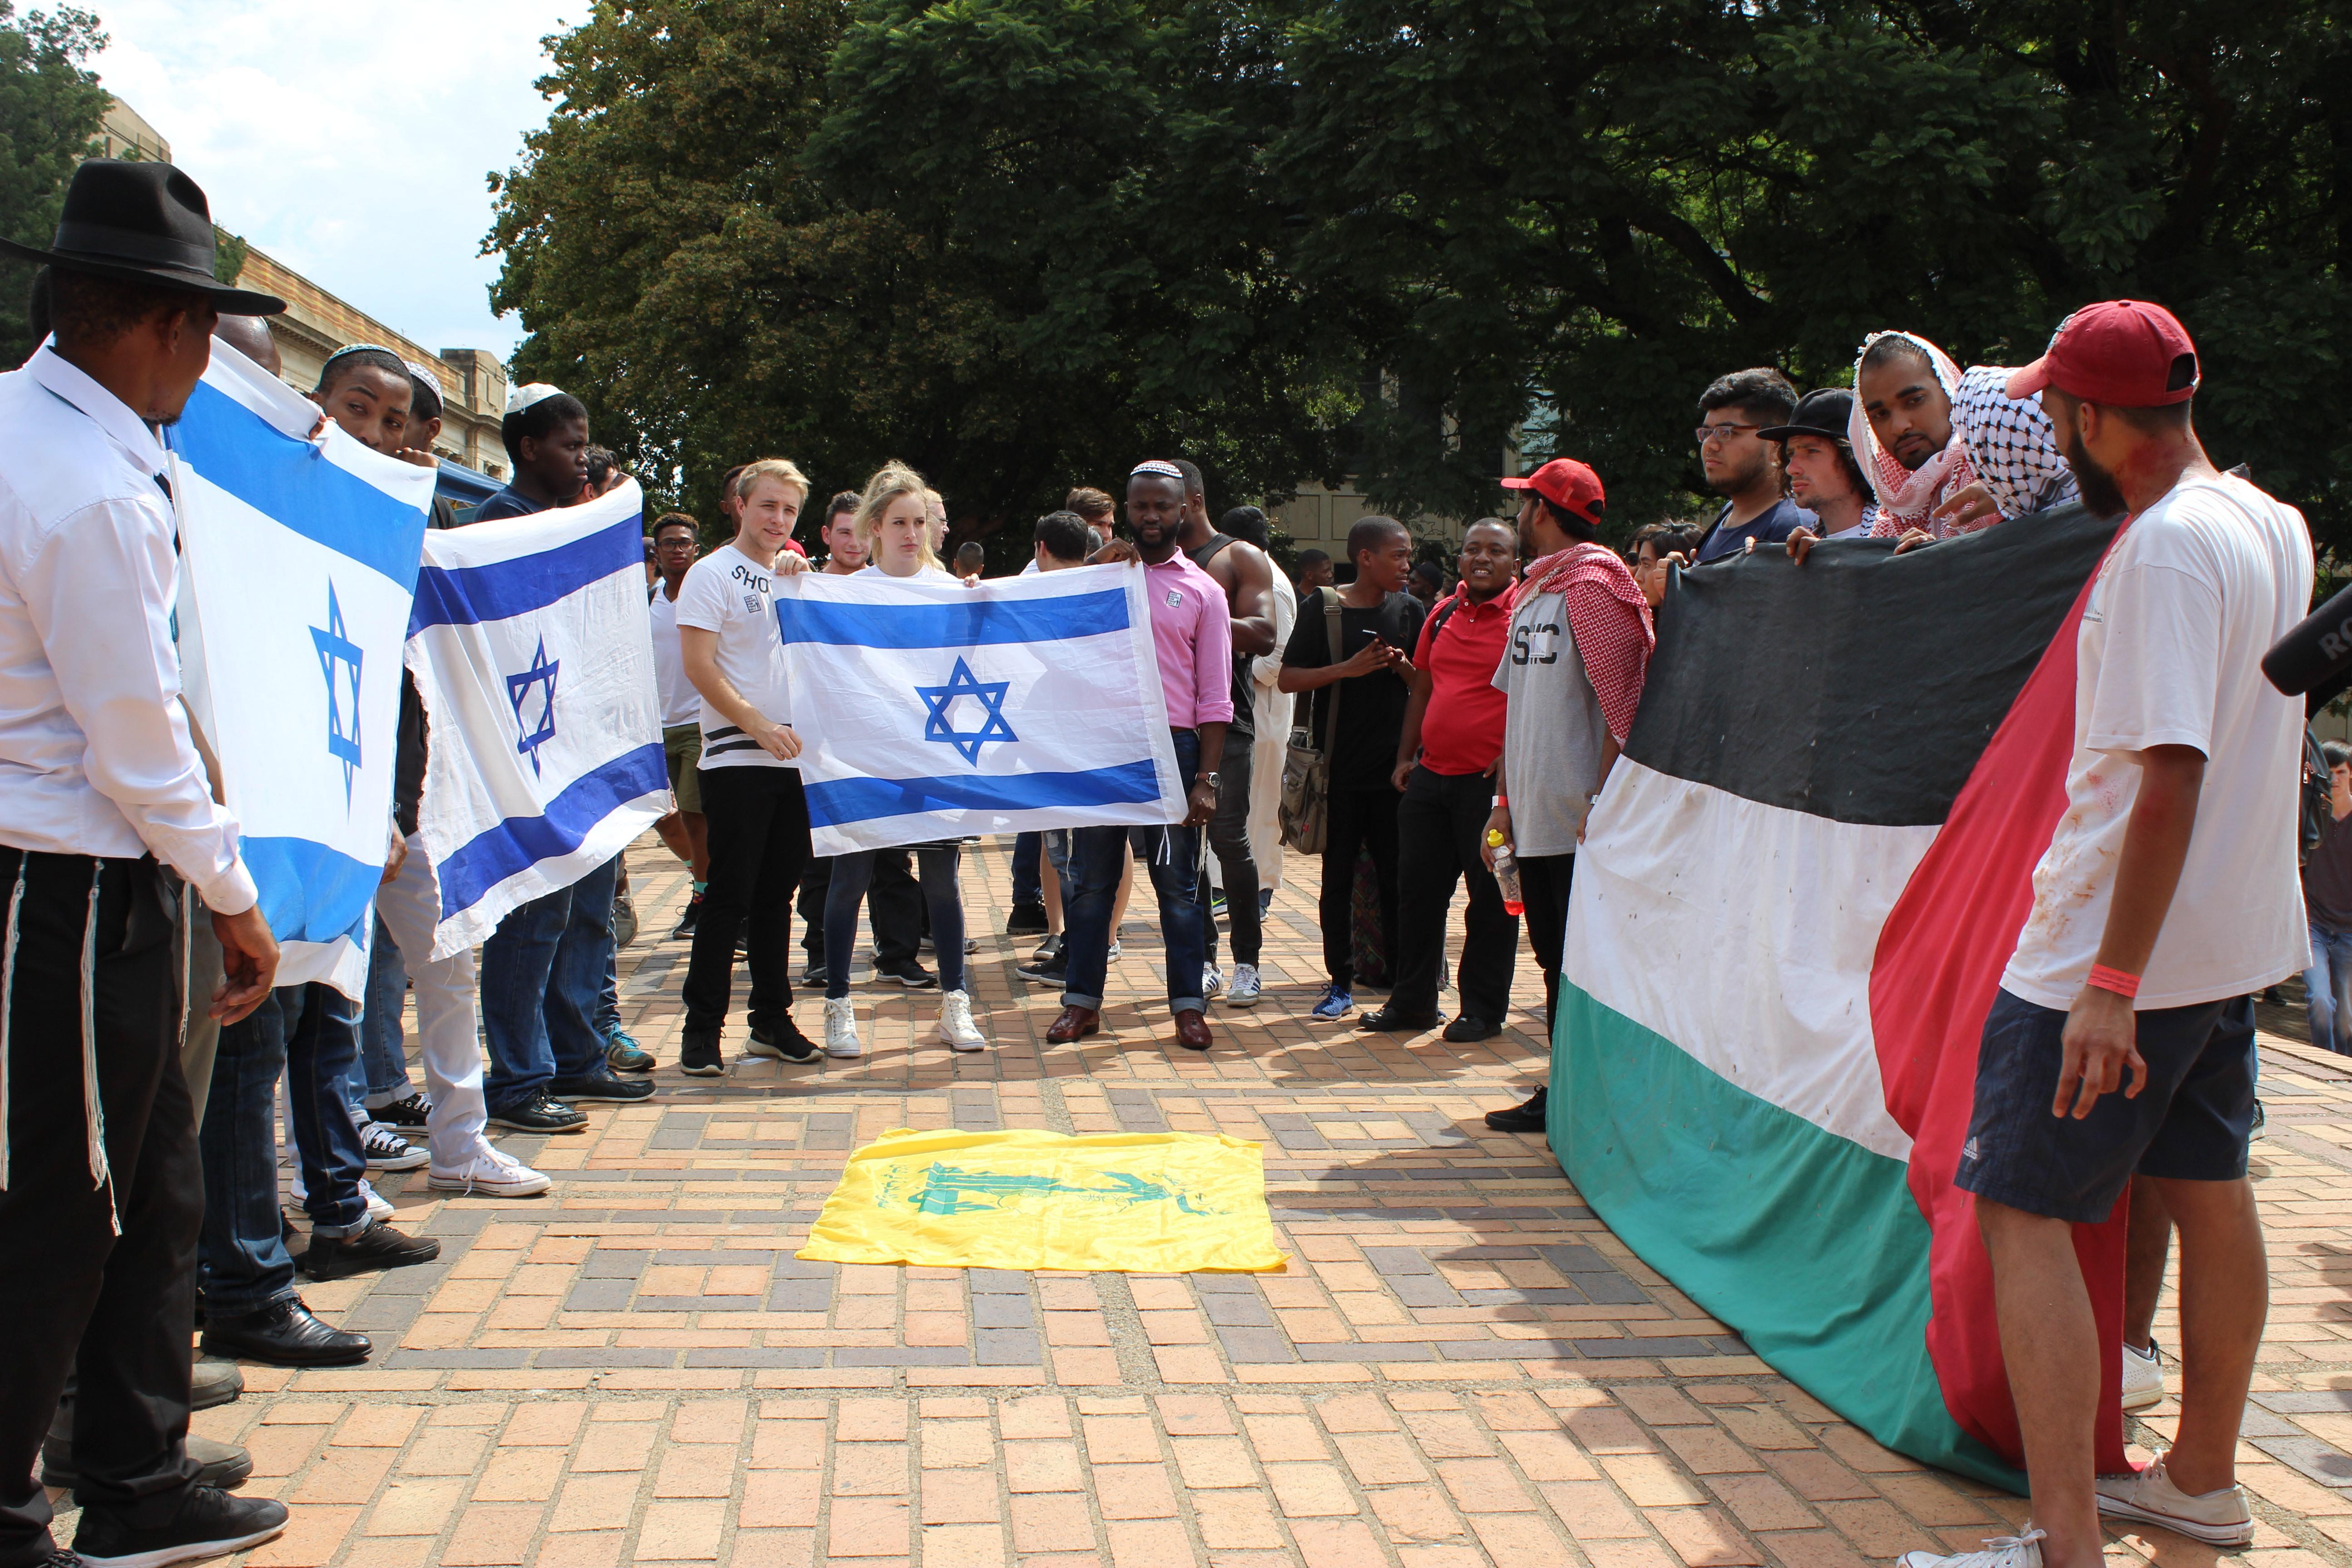 Israeli apartheid week unleashes turf war